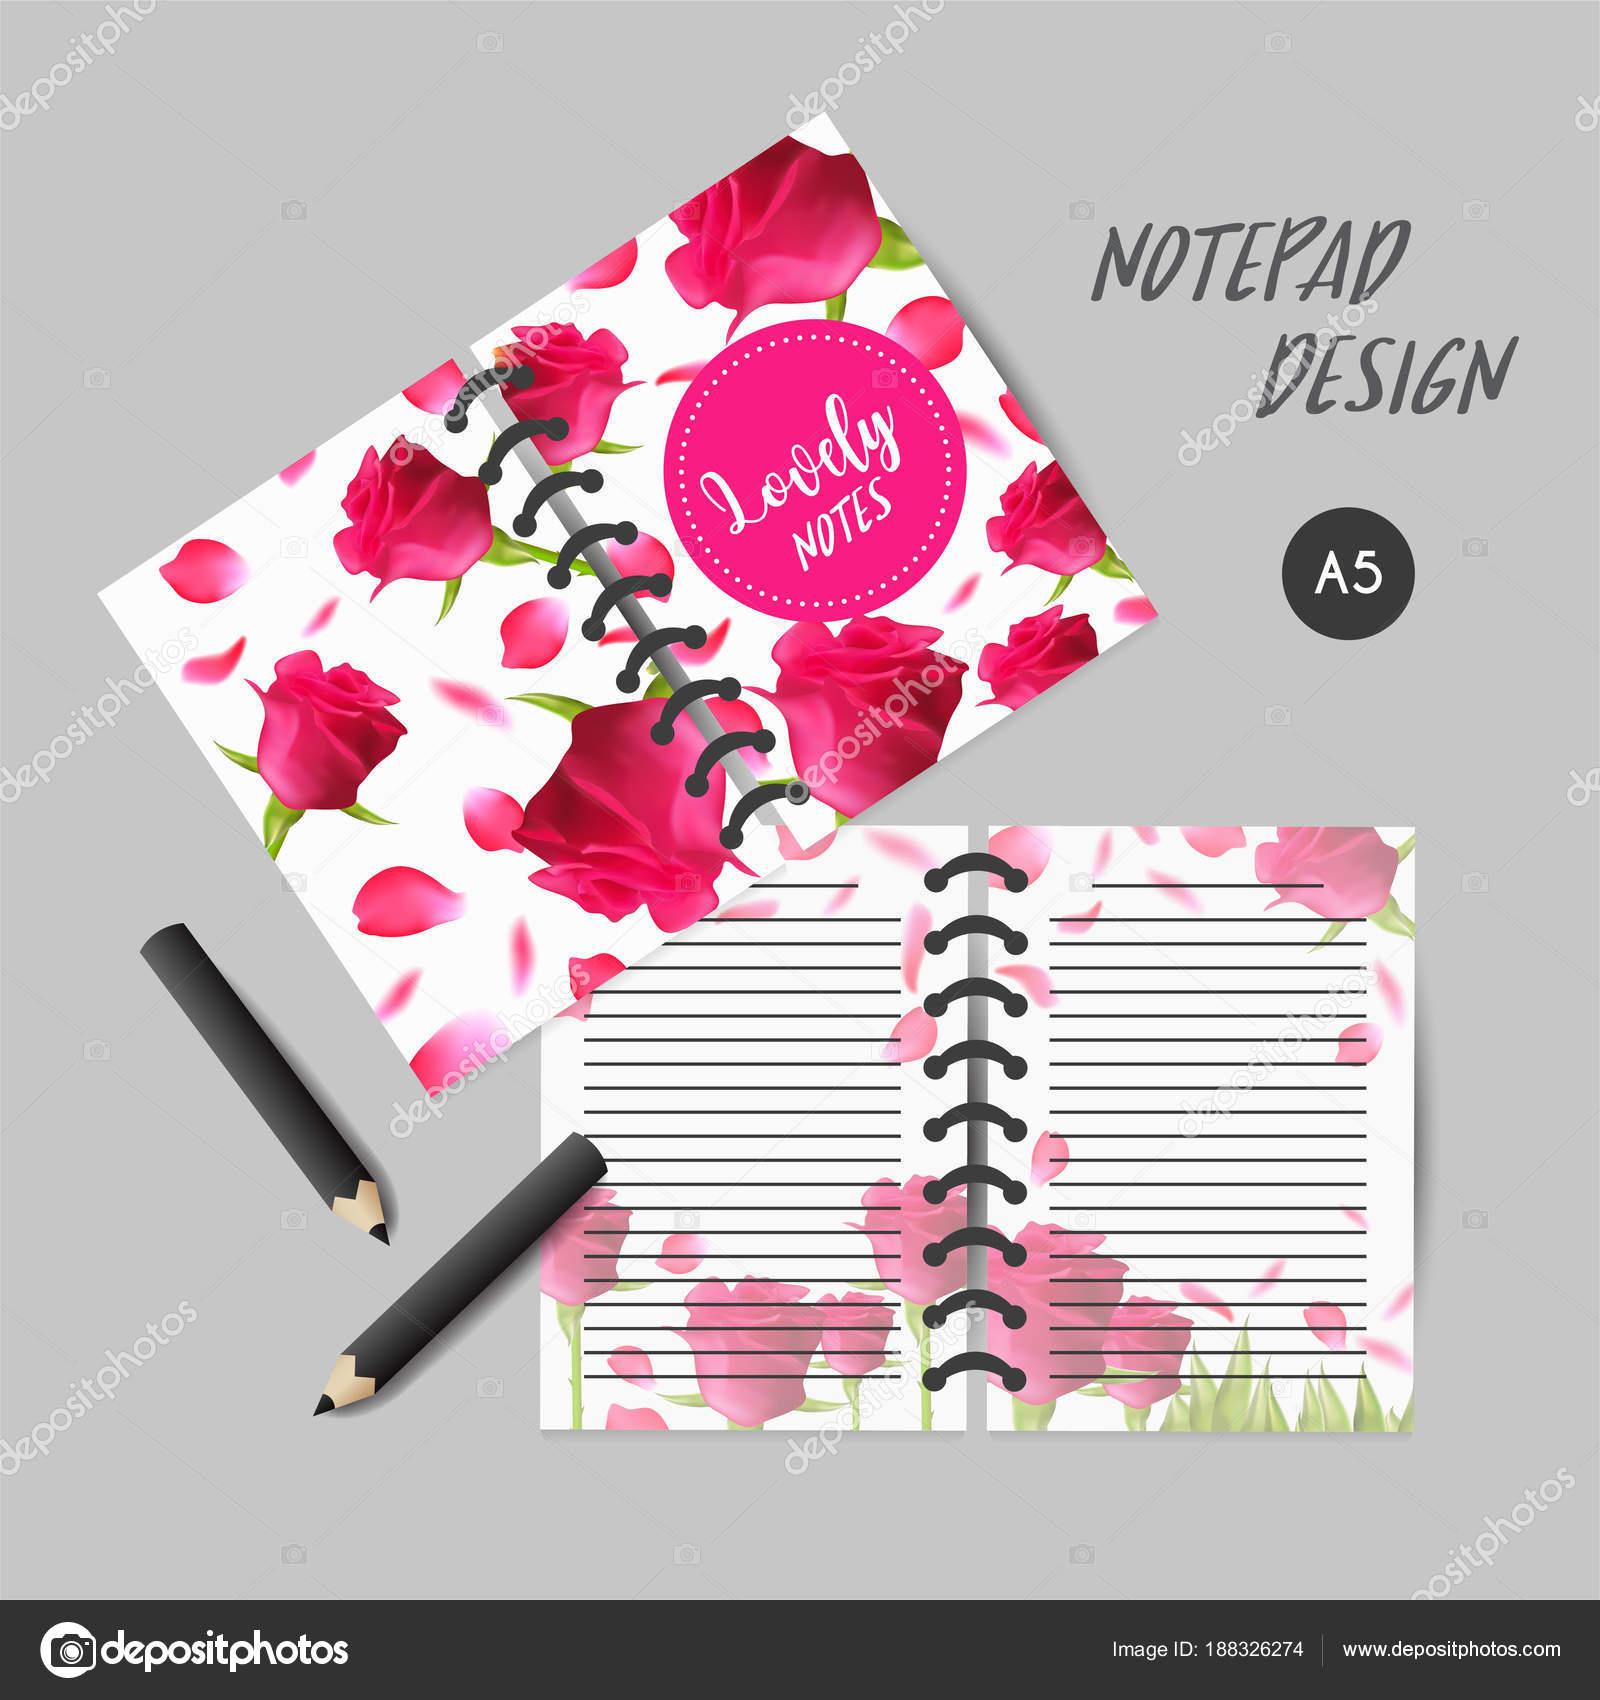 Covergestaltung für Notebooks oder Sammelalben mit Rosen. Tägliche ...